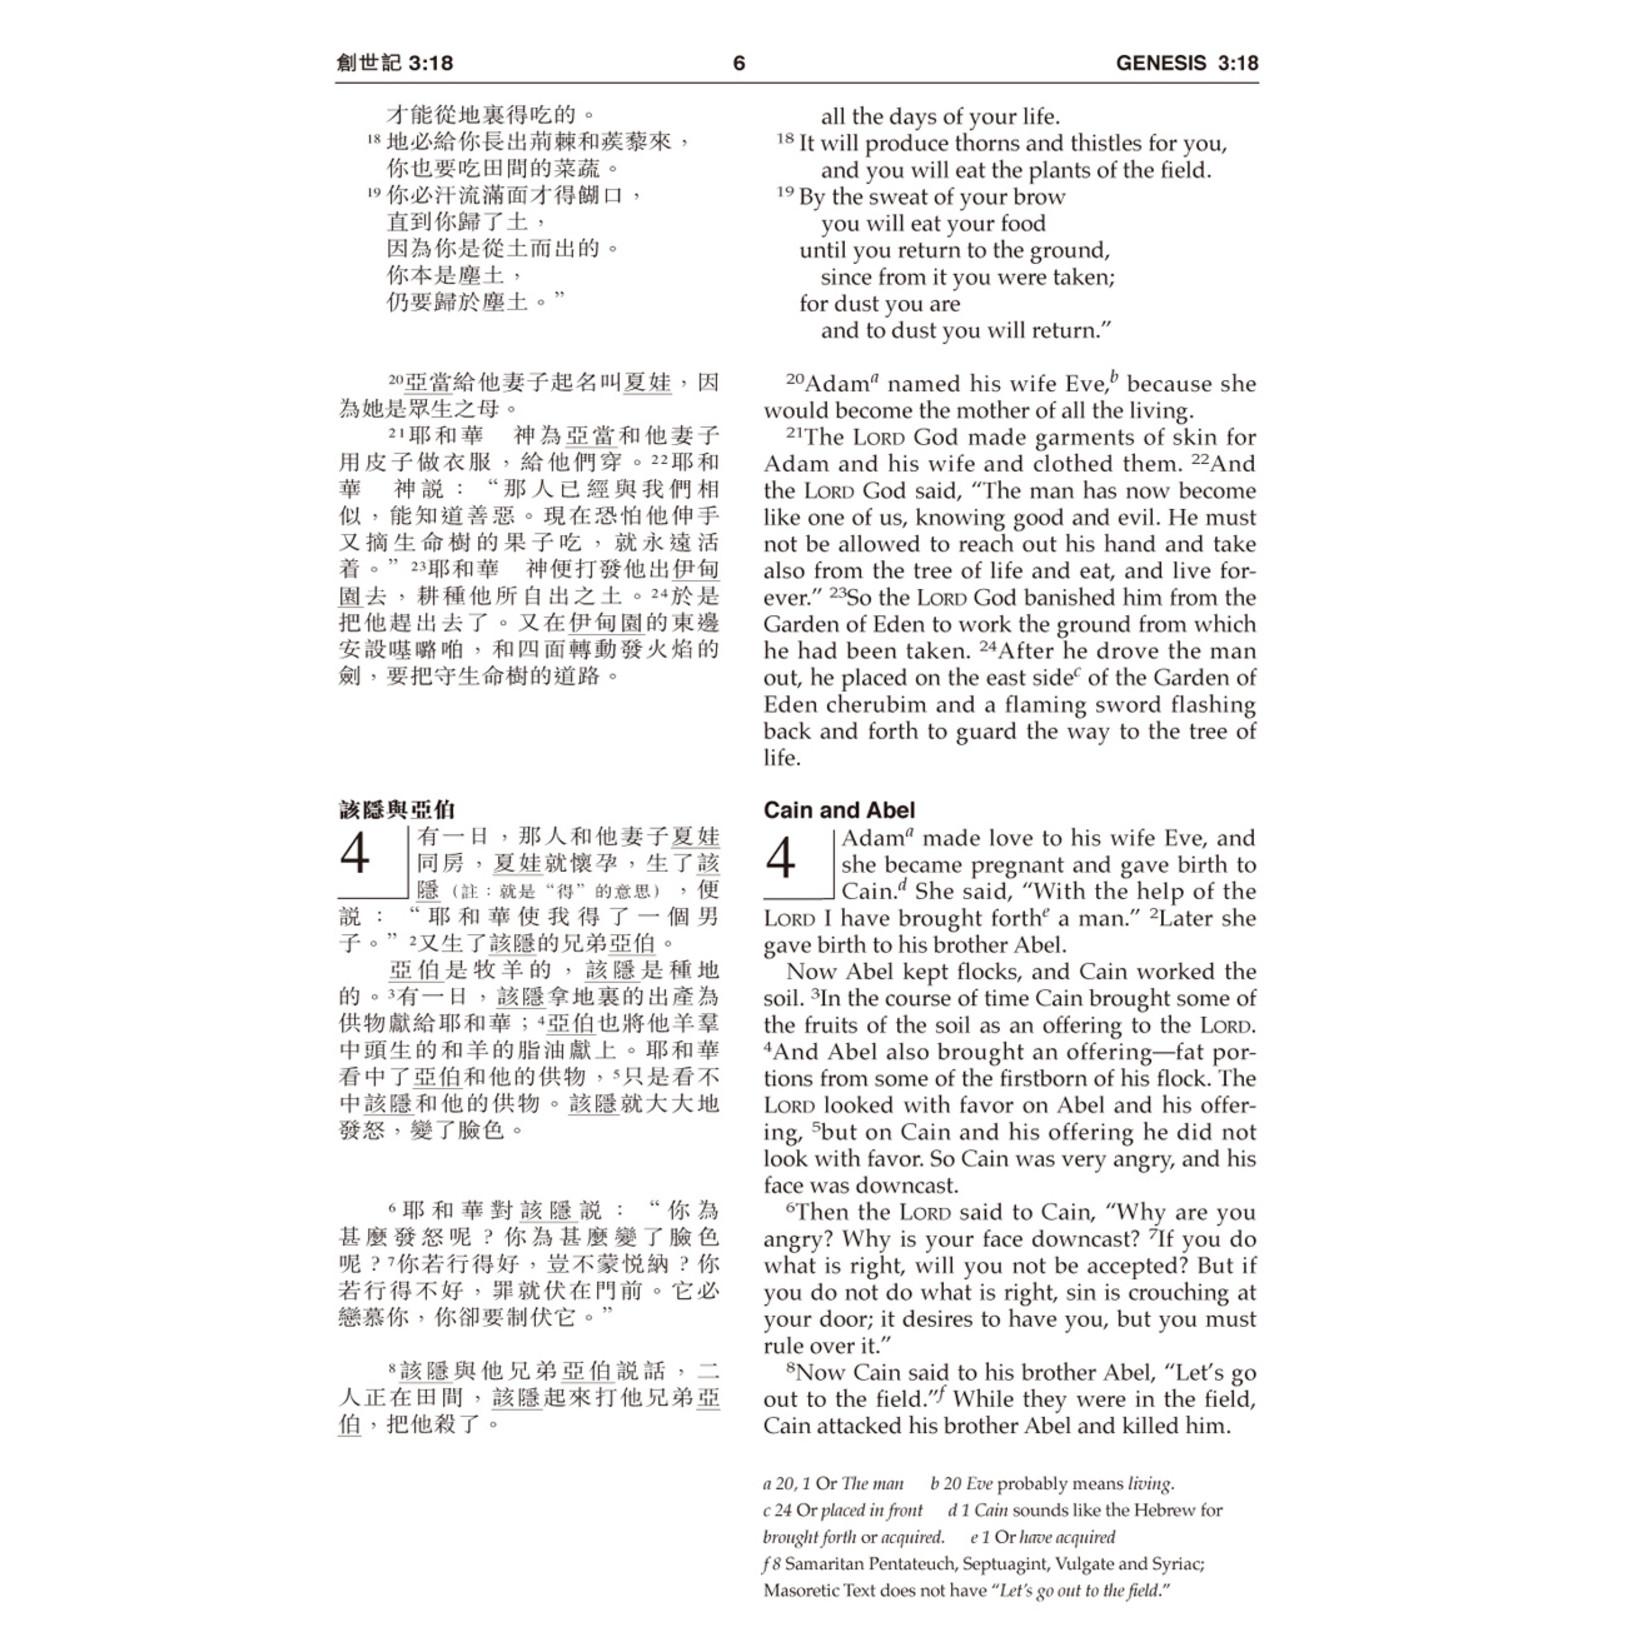 漢語聖經協會 Chinese Bible International 聖經.中英對照.和合本/NIV.拇指版.新標準本.黑色硬面.白邊.繁體 Union Version / NIV (Black Hardcover Thumb Indexed White Edge)